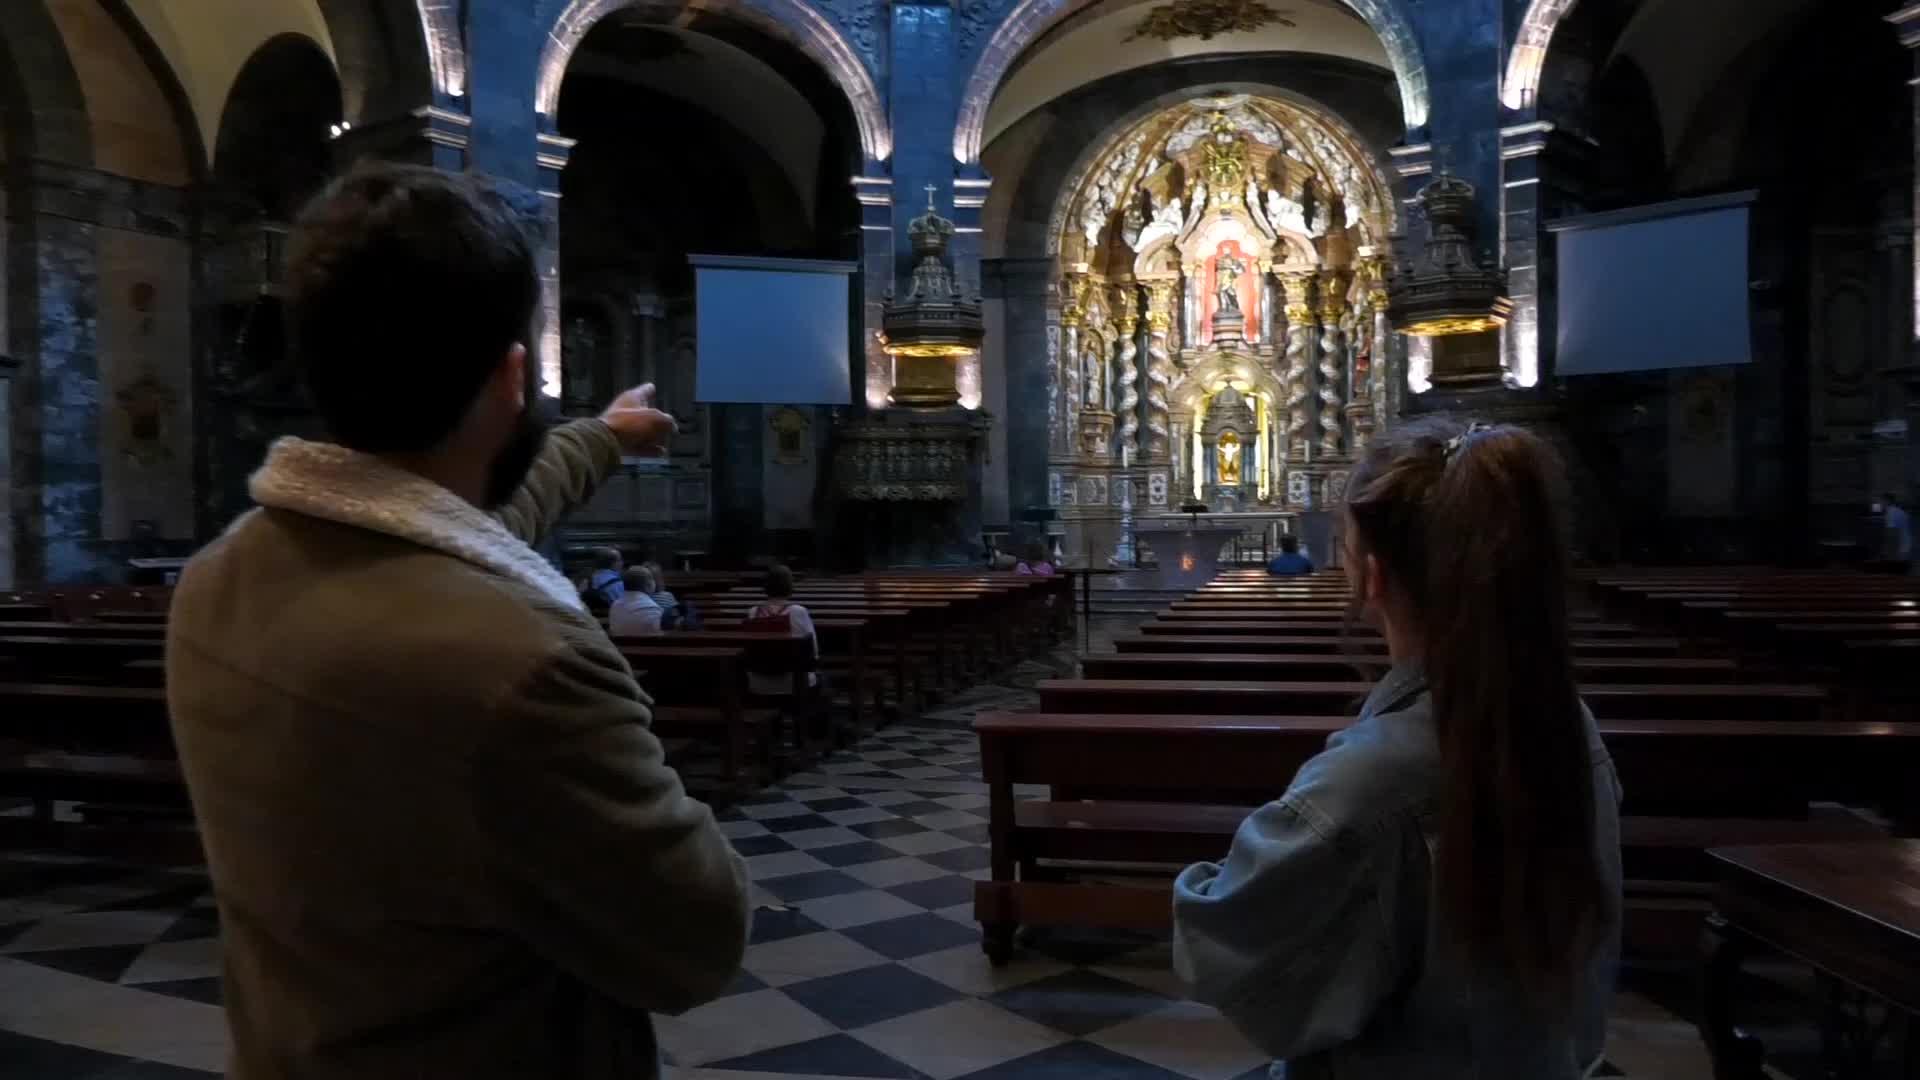 Imanol Rayori elkarrizketa, Loiolako Inazioren konbertsioa kontatzen duen 'Iñigo' filmaz